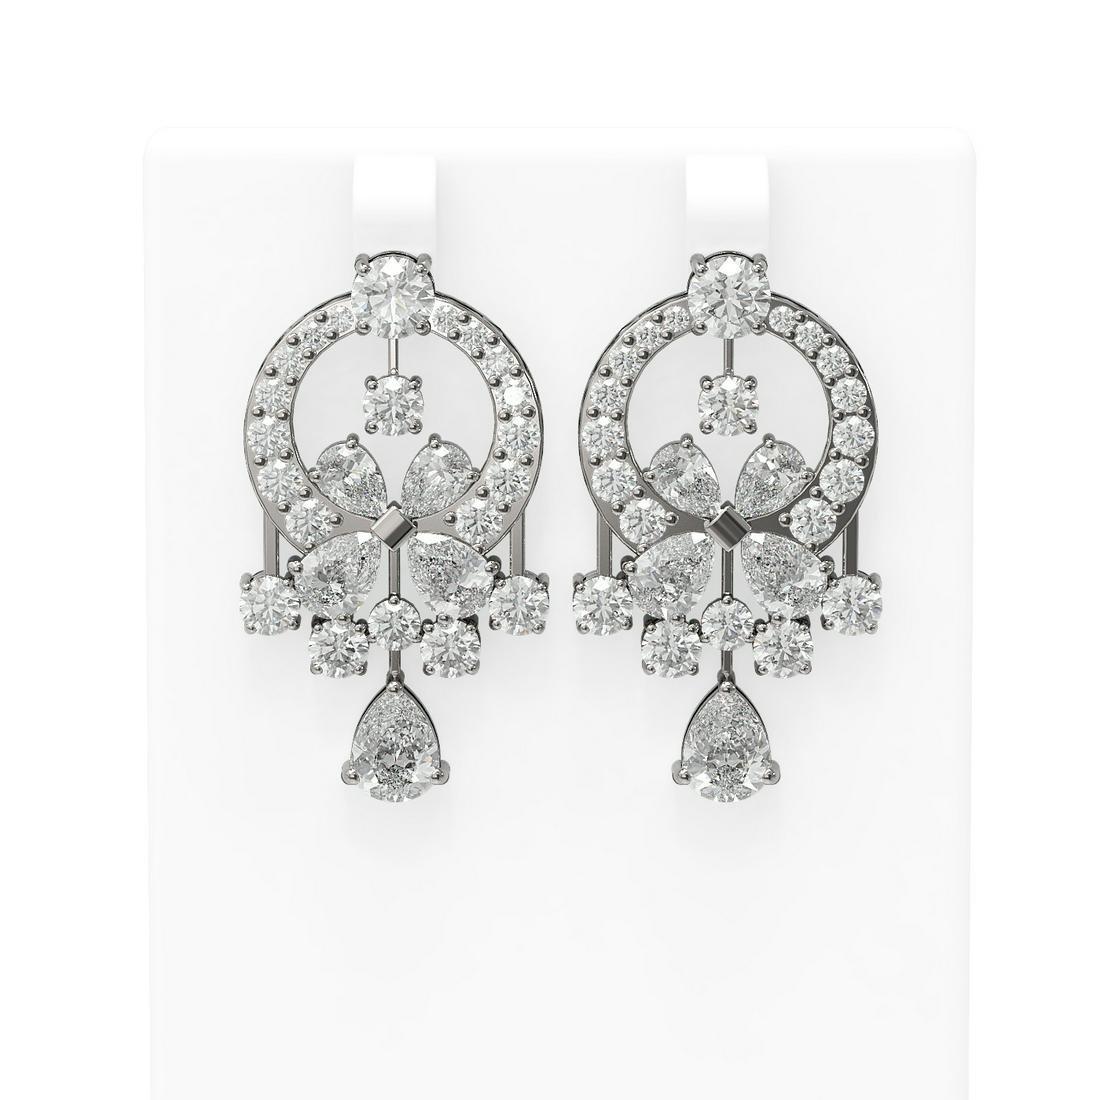 14 ctw Diamond Earrings 18K White Gold - REF-2519Y6X